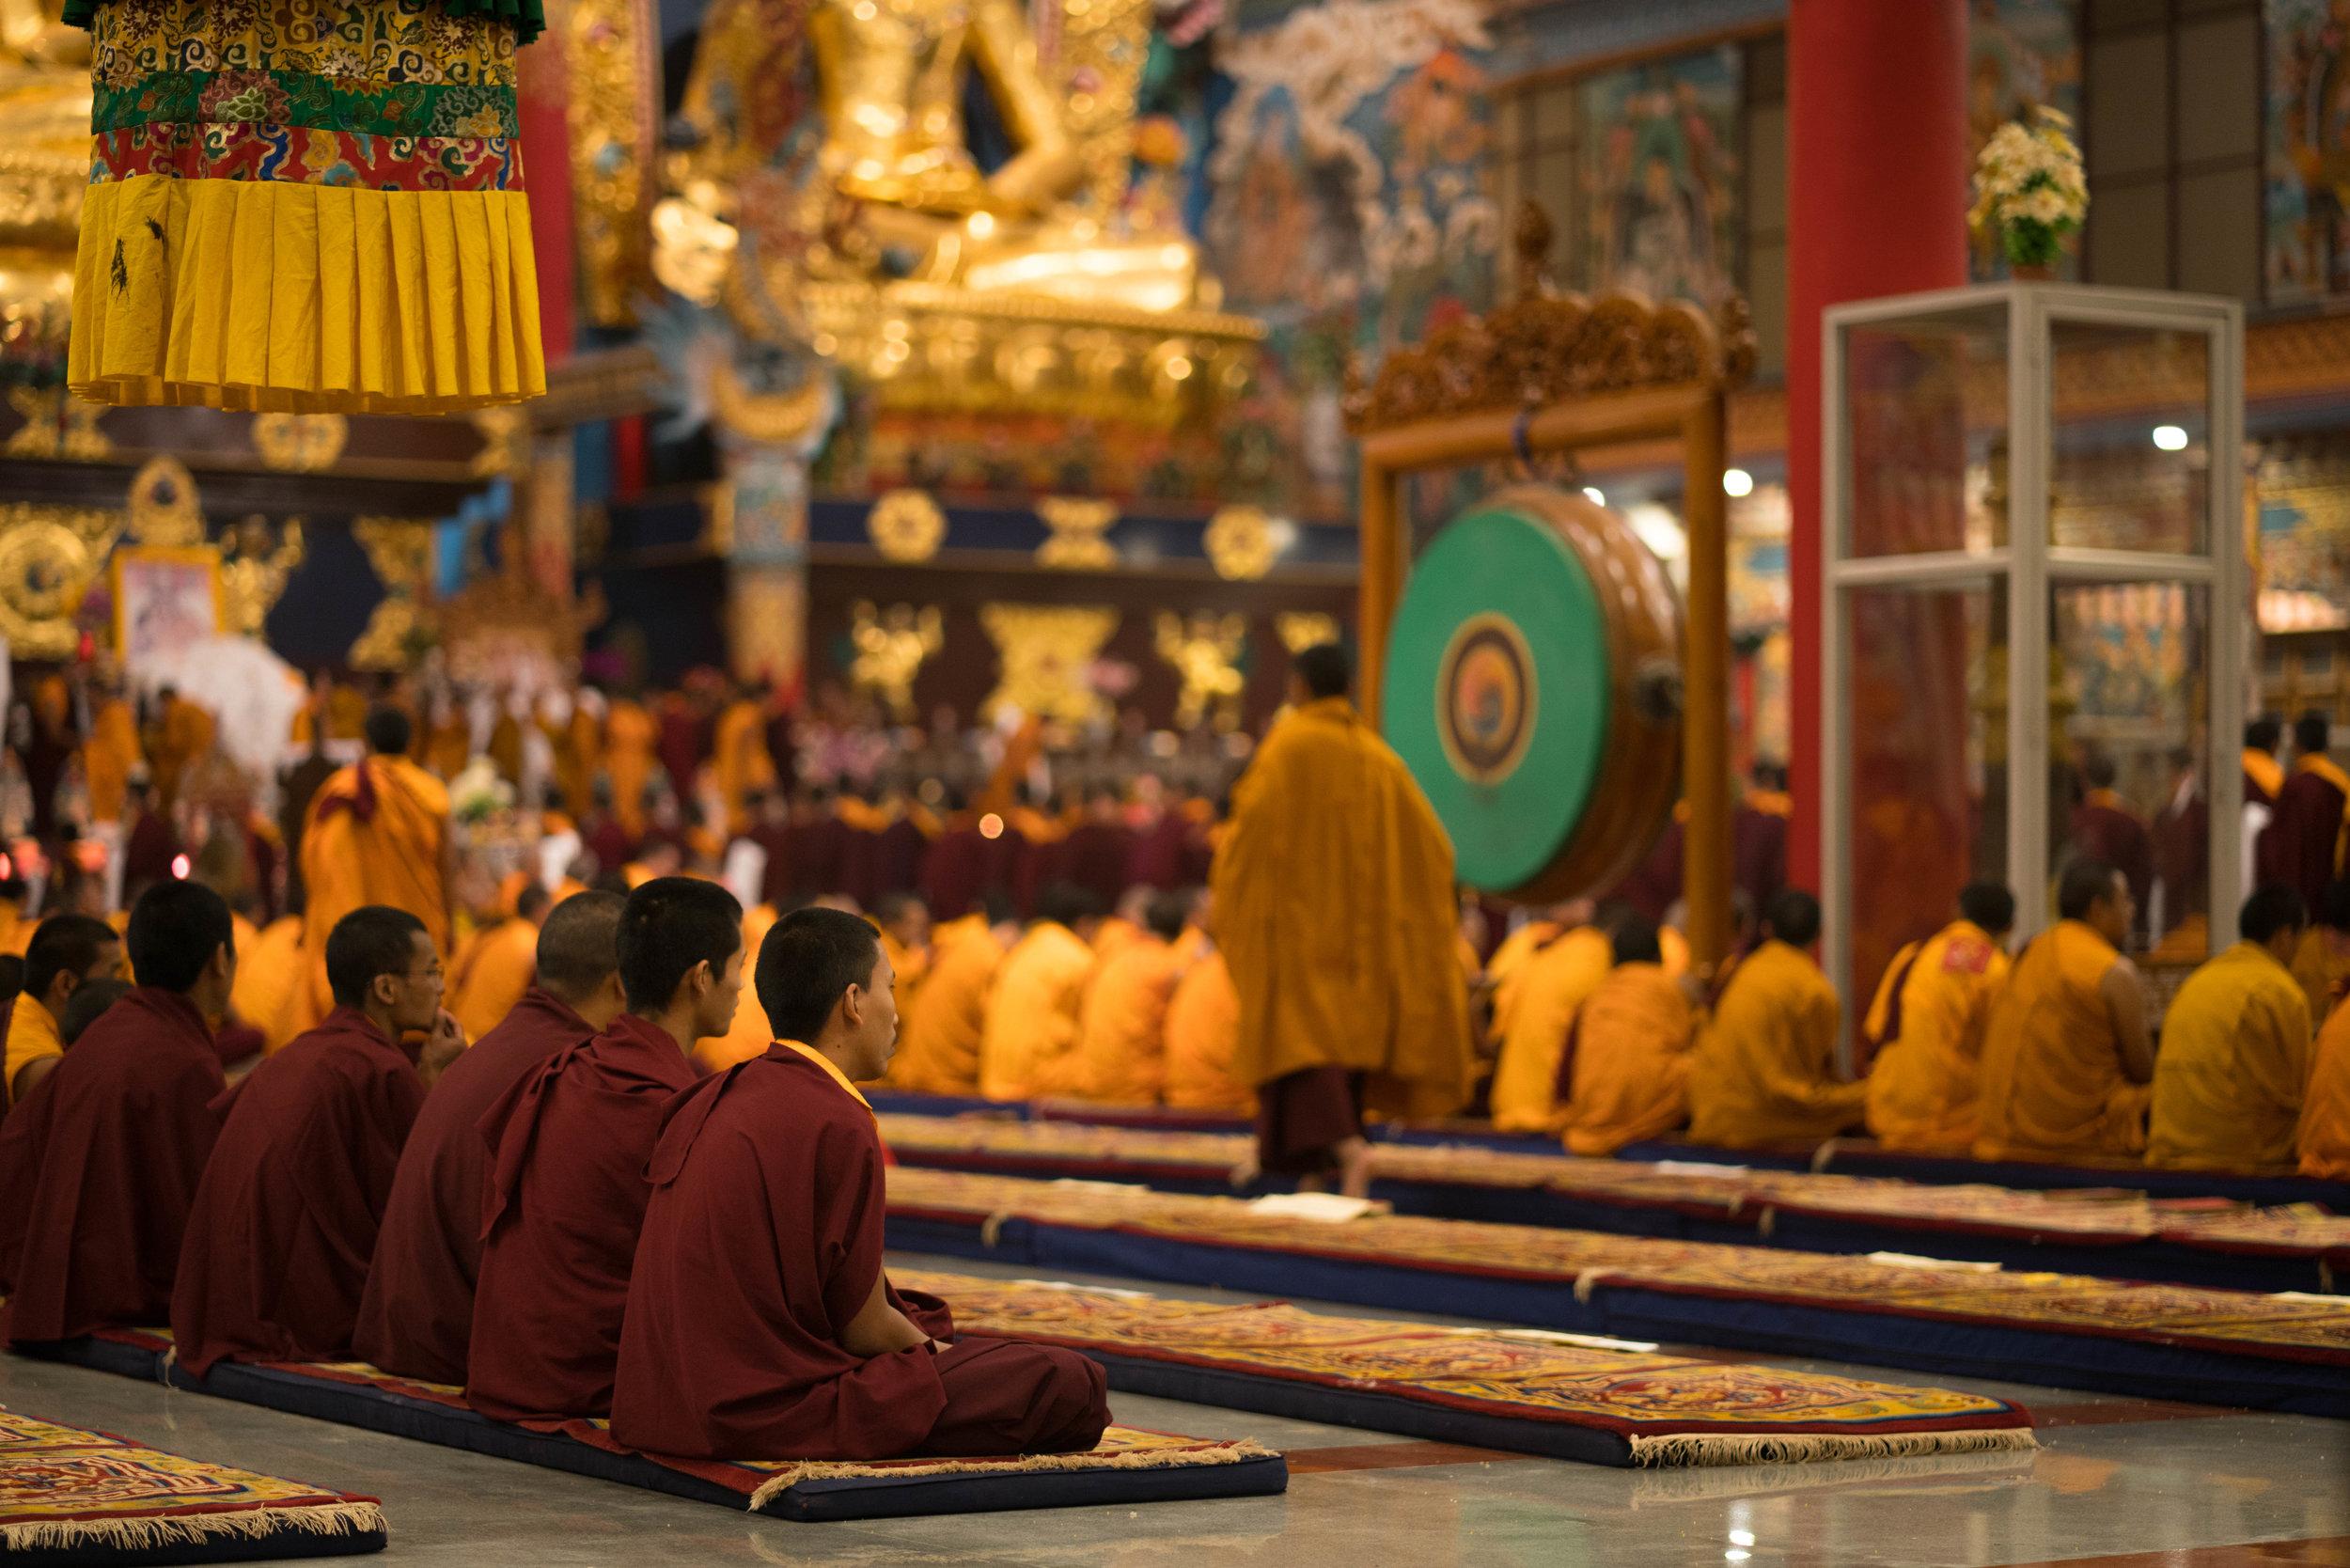 Namdroling Monastery, Bylakuppe, India